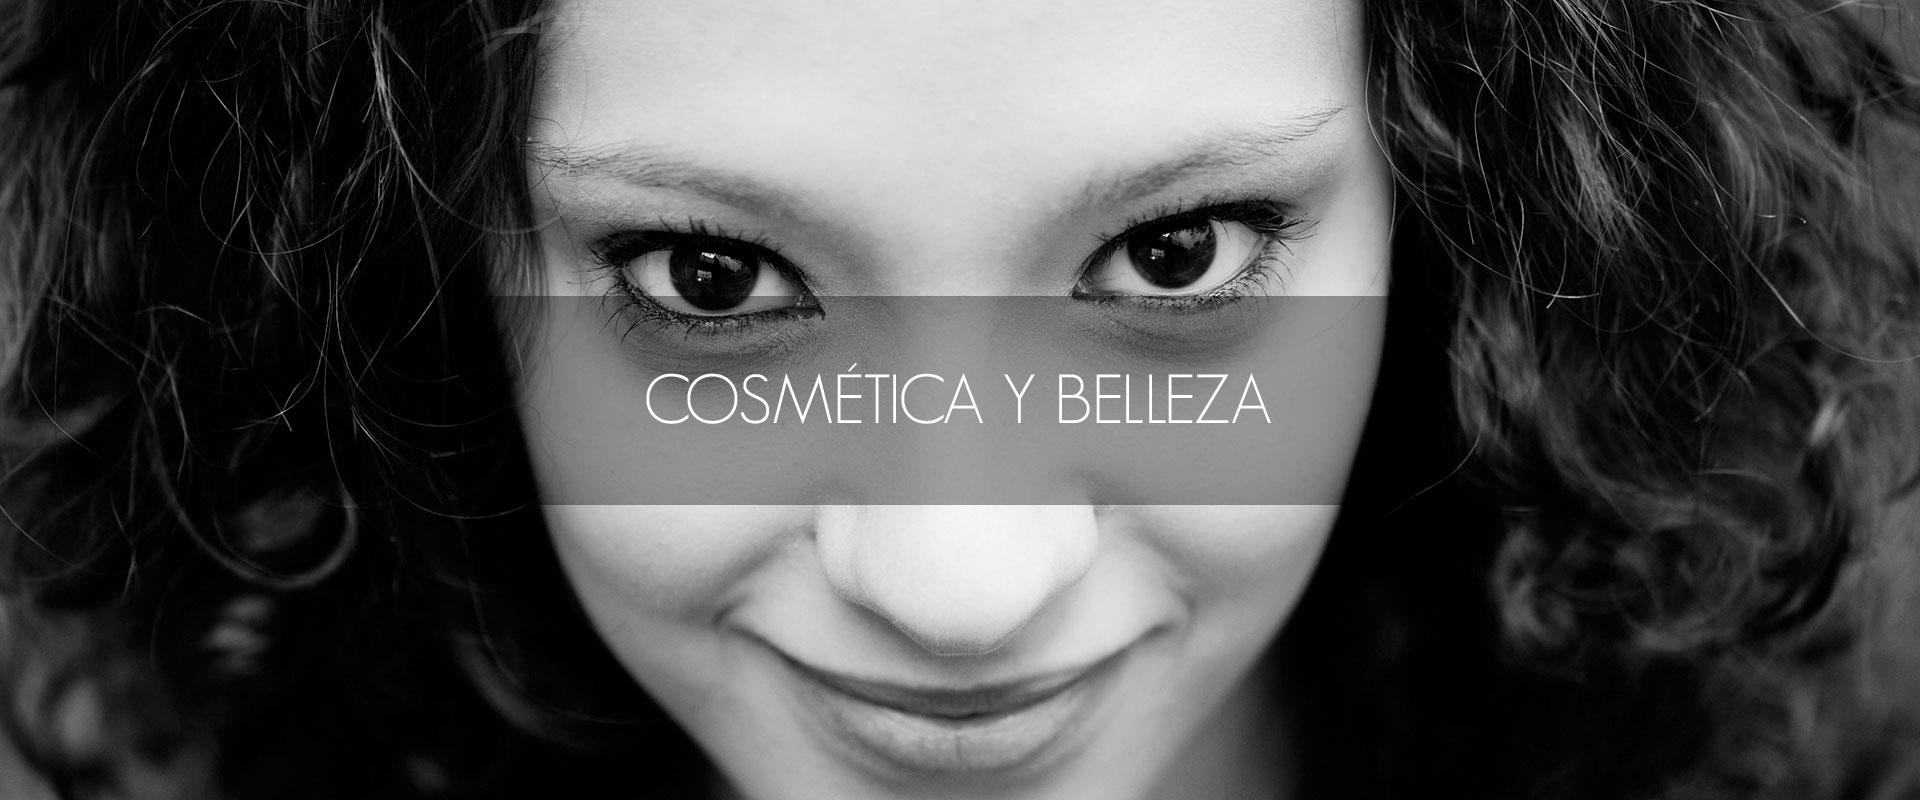 cuidado-personal-belleza-lunaria_cosmetica